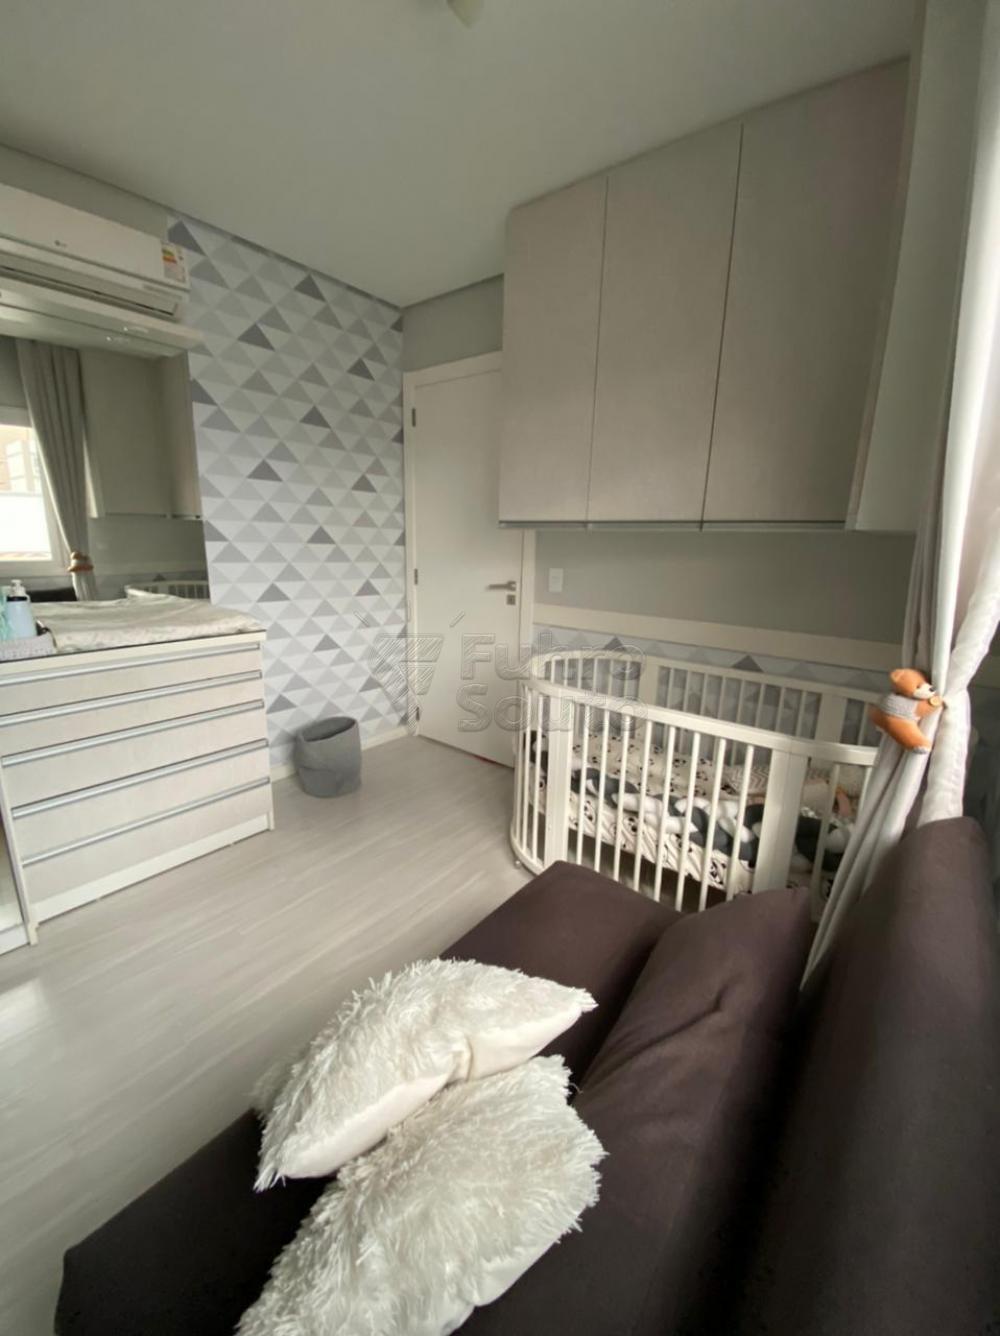 Comprar Apartamento / Padrão em Pelotas R$ 477.000,00 - Foto 12